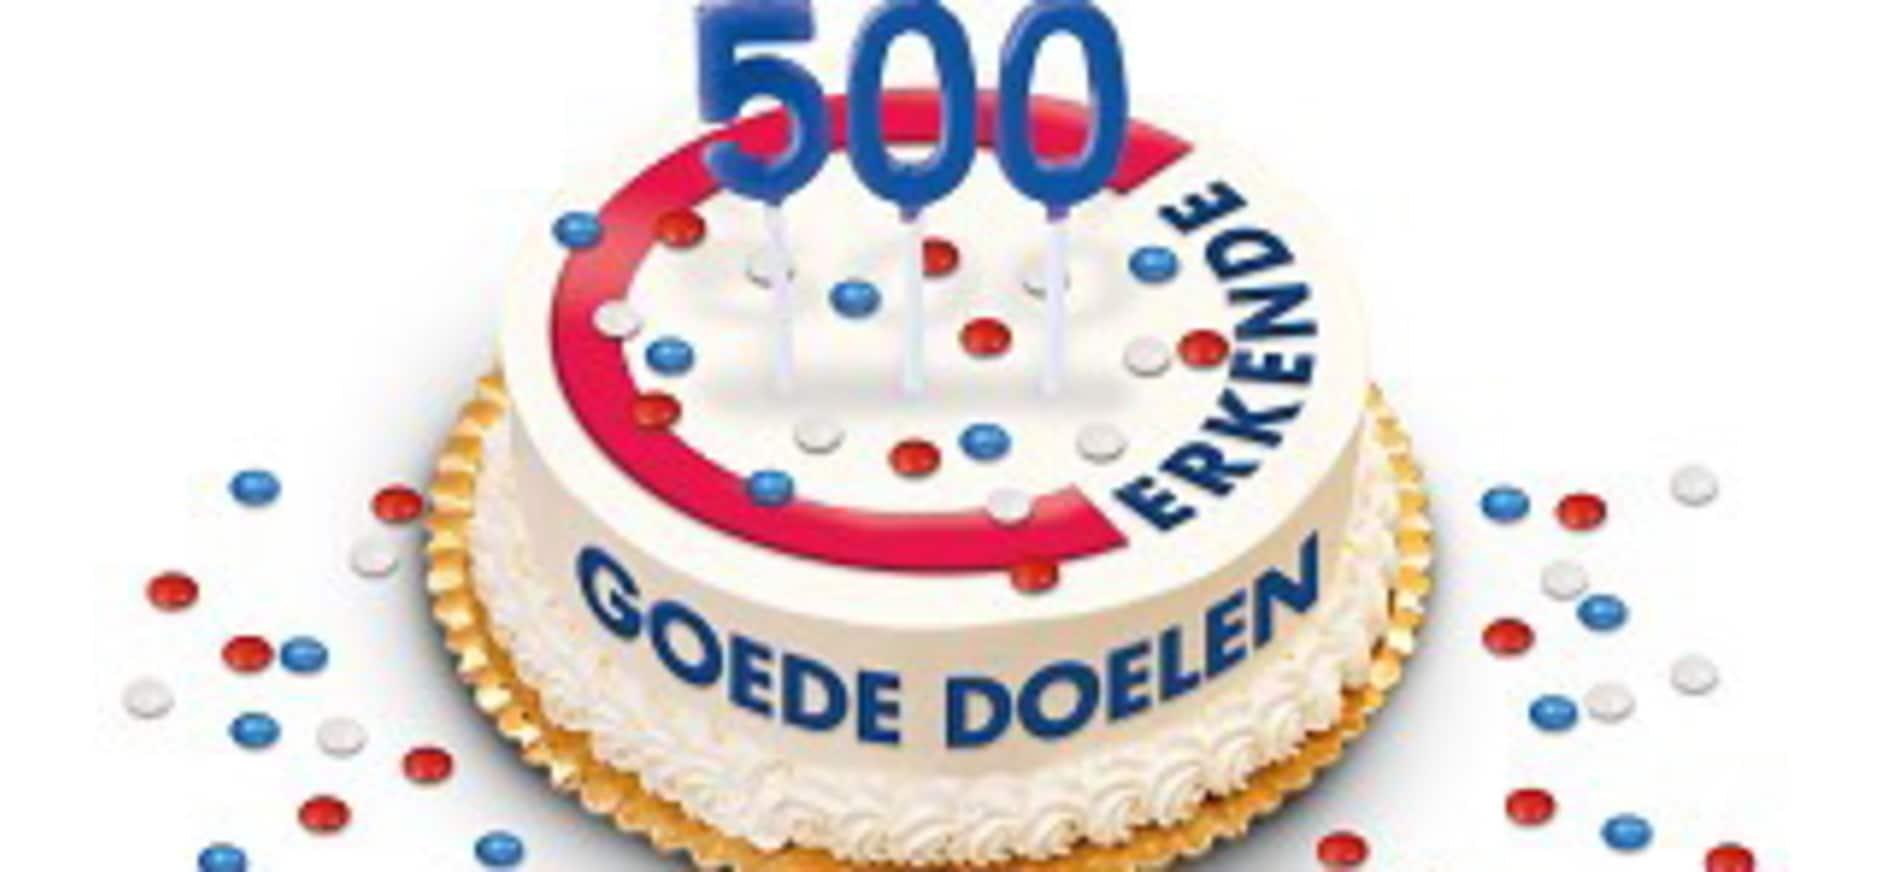 500ste Erkende Goede Doel bekend